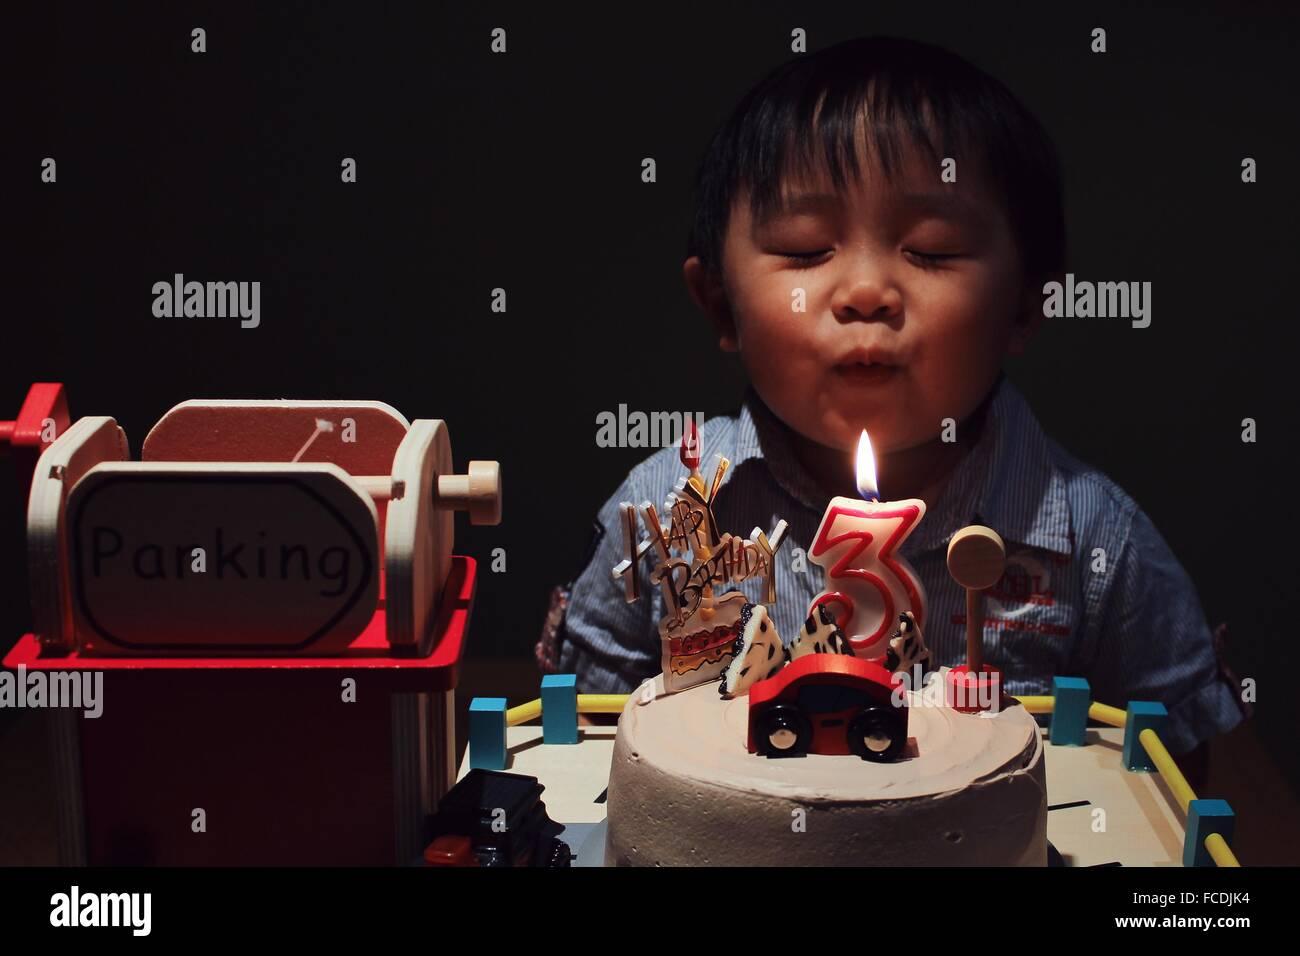 Ragazzo carino con occhio chiuso compleanno di soffiaggio candela sulla torta in camera oscura Immagini Stock